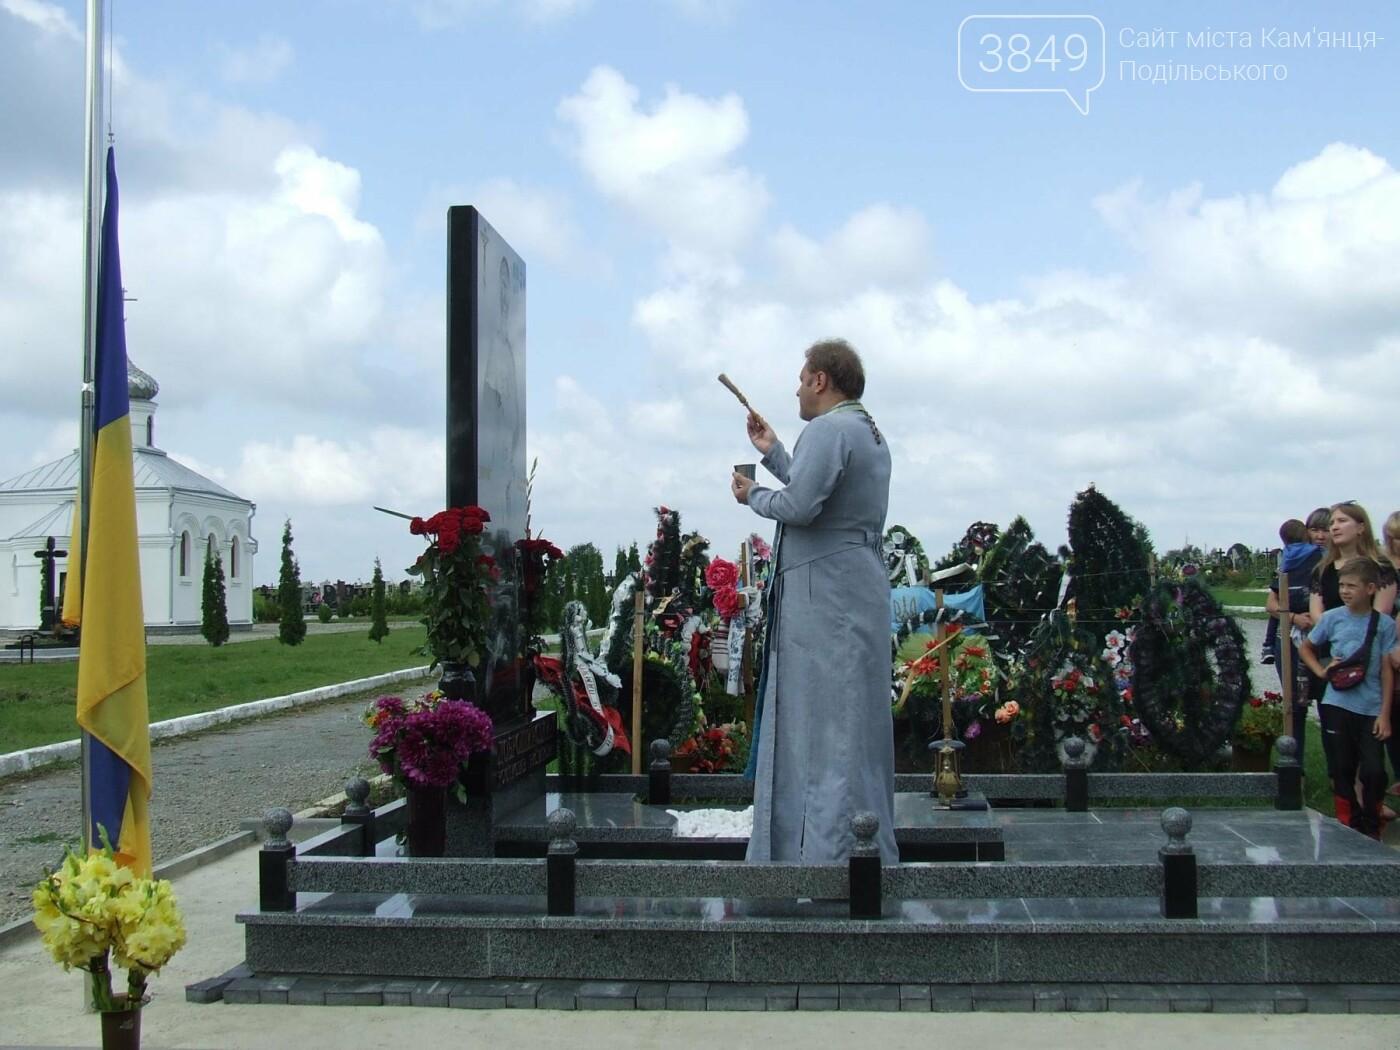 Річниця скорботи: у Кам'янці освятили меморіал Героя Ростислава Доброшинського, фото-16